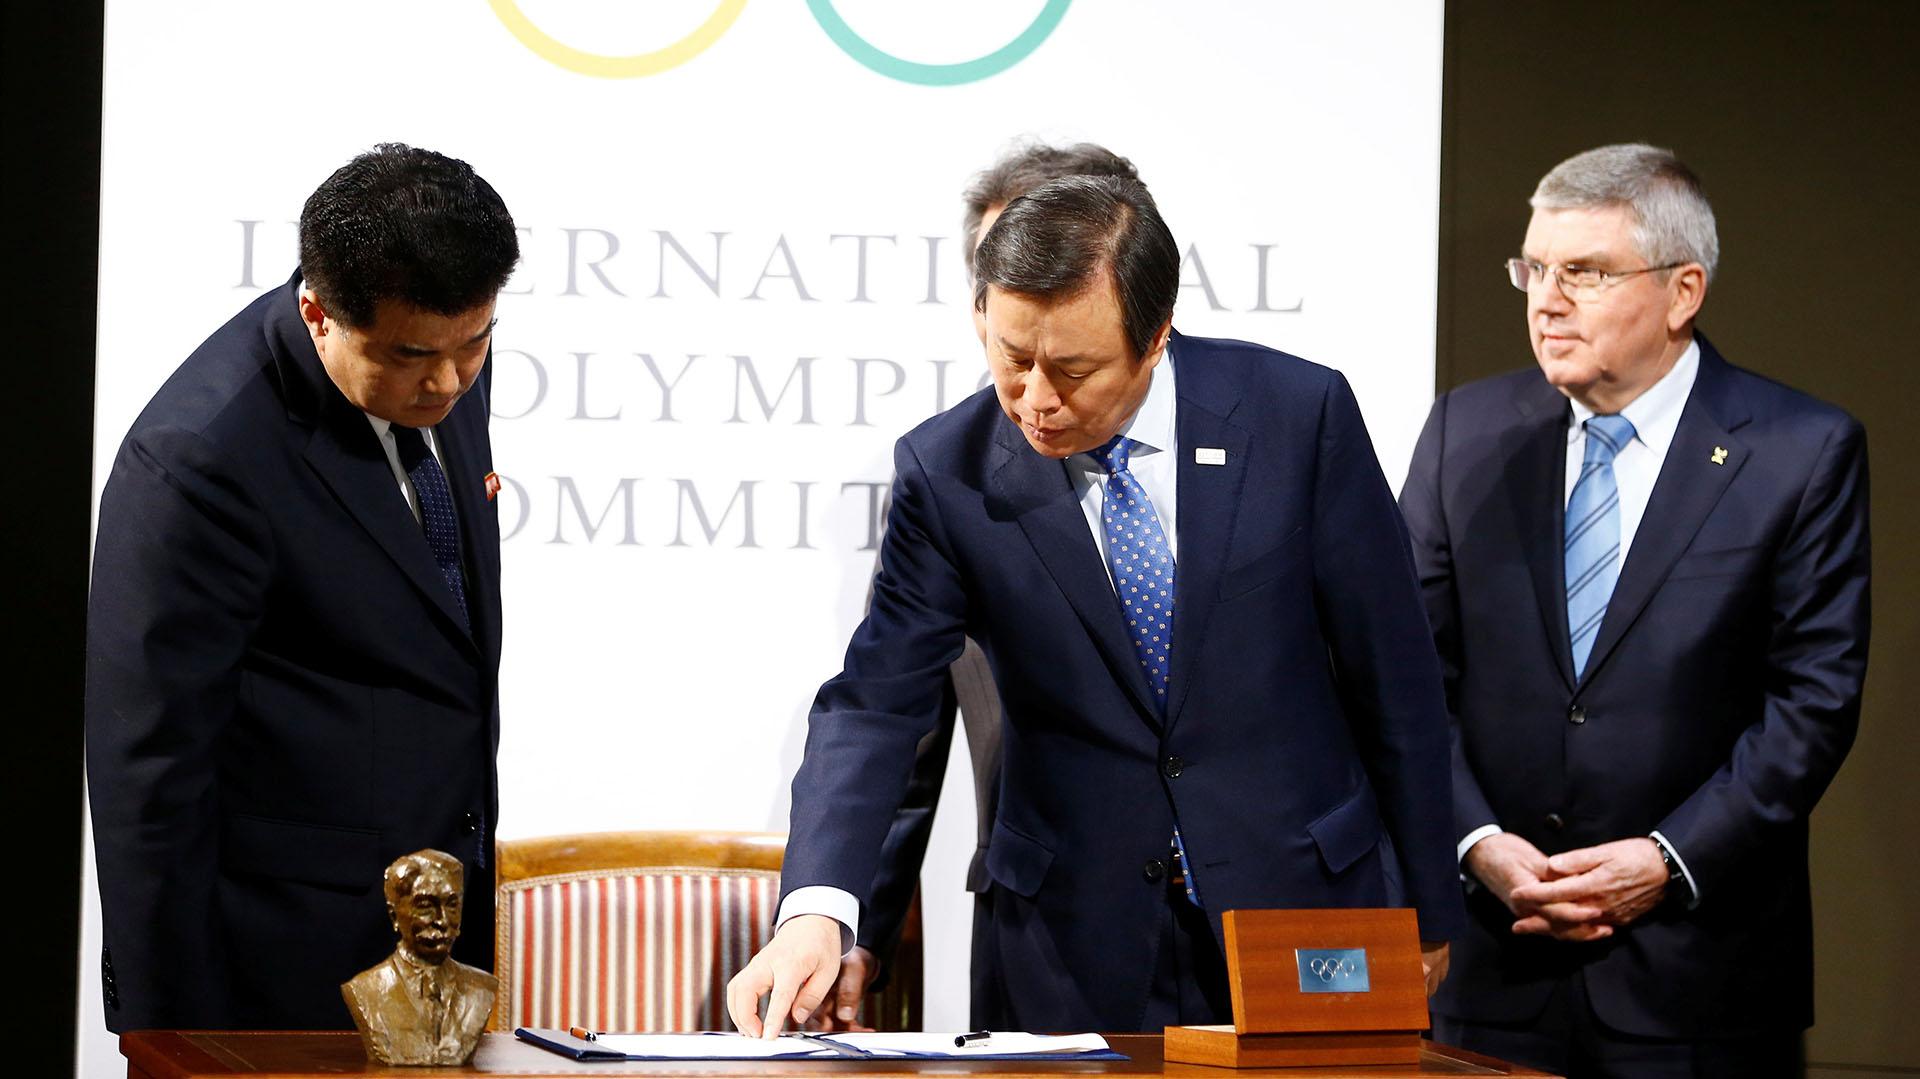 Kim Il Guk, presidente de Comité Olímpico de Norcorea (NOC)y Jong-Hwan Do, Ministros de Cultura, Deporte y Turismo de Corea del Sur (Reuters)